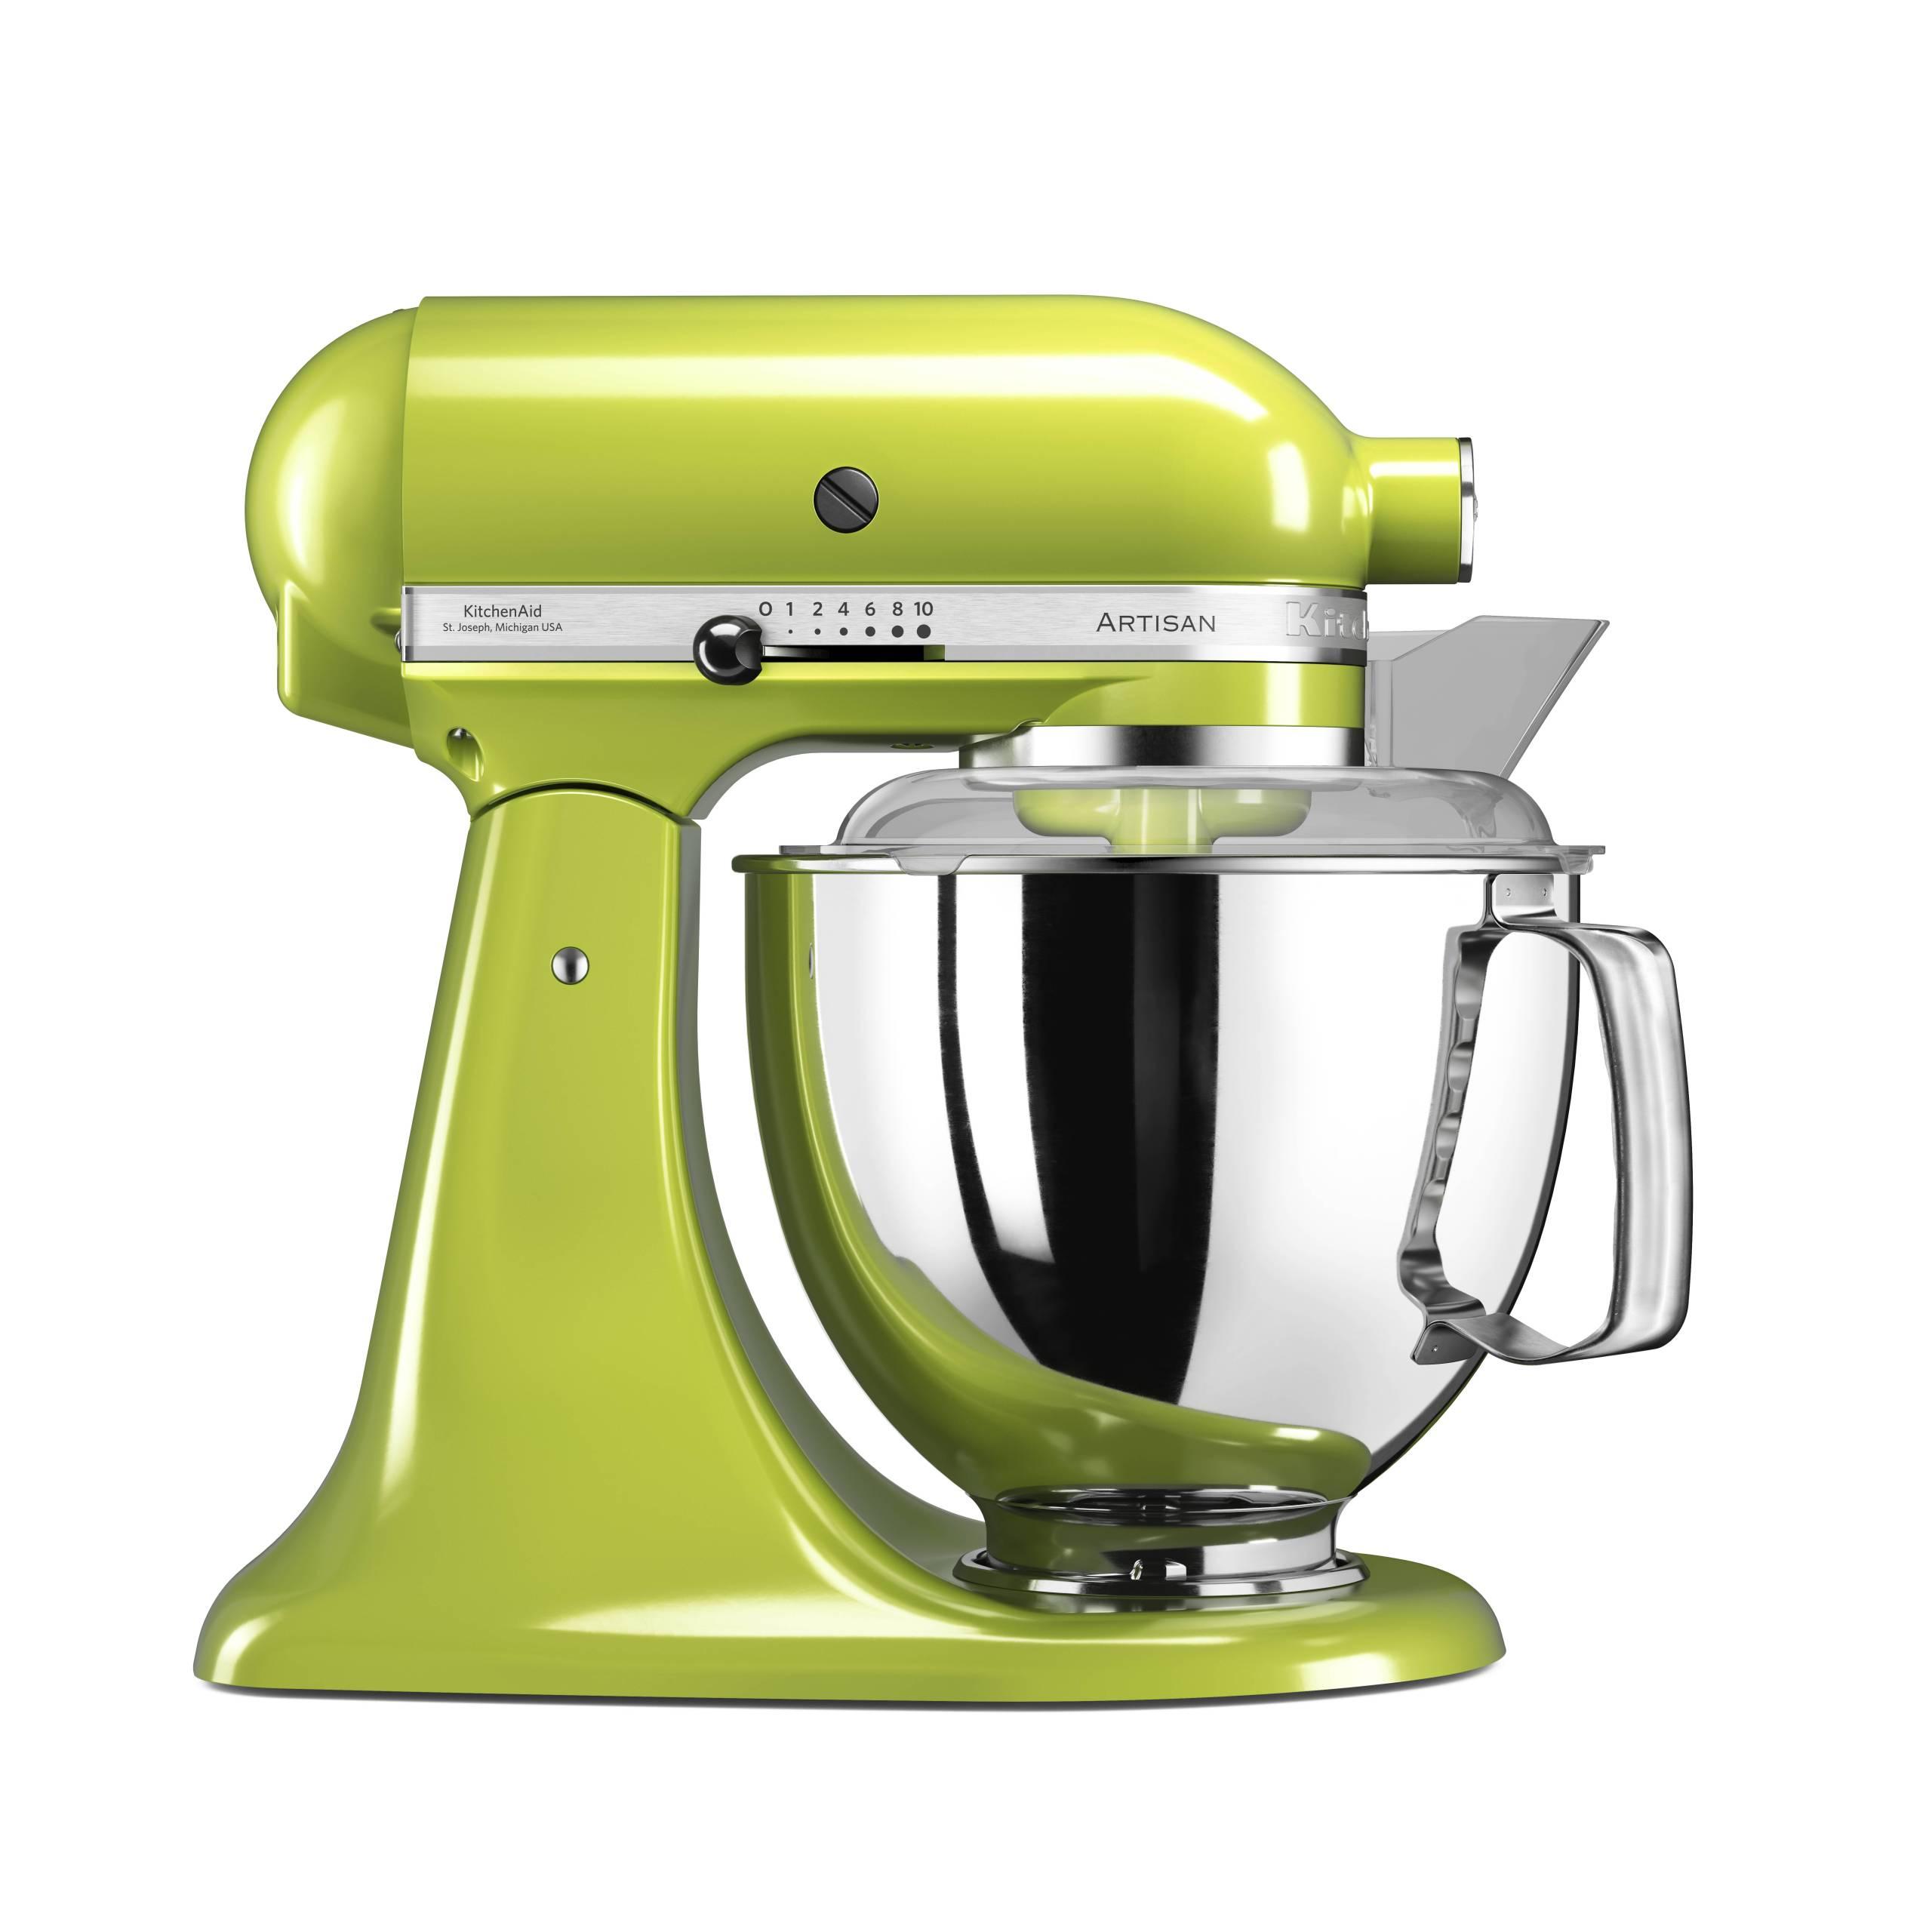 KitchenAid Artisan® Küchenmaschine Apfelgrün